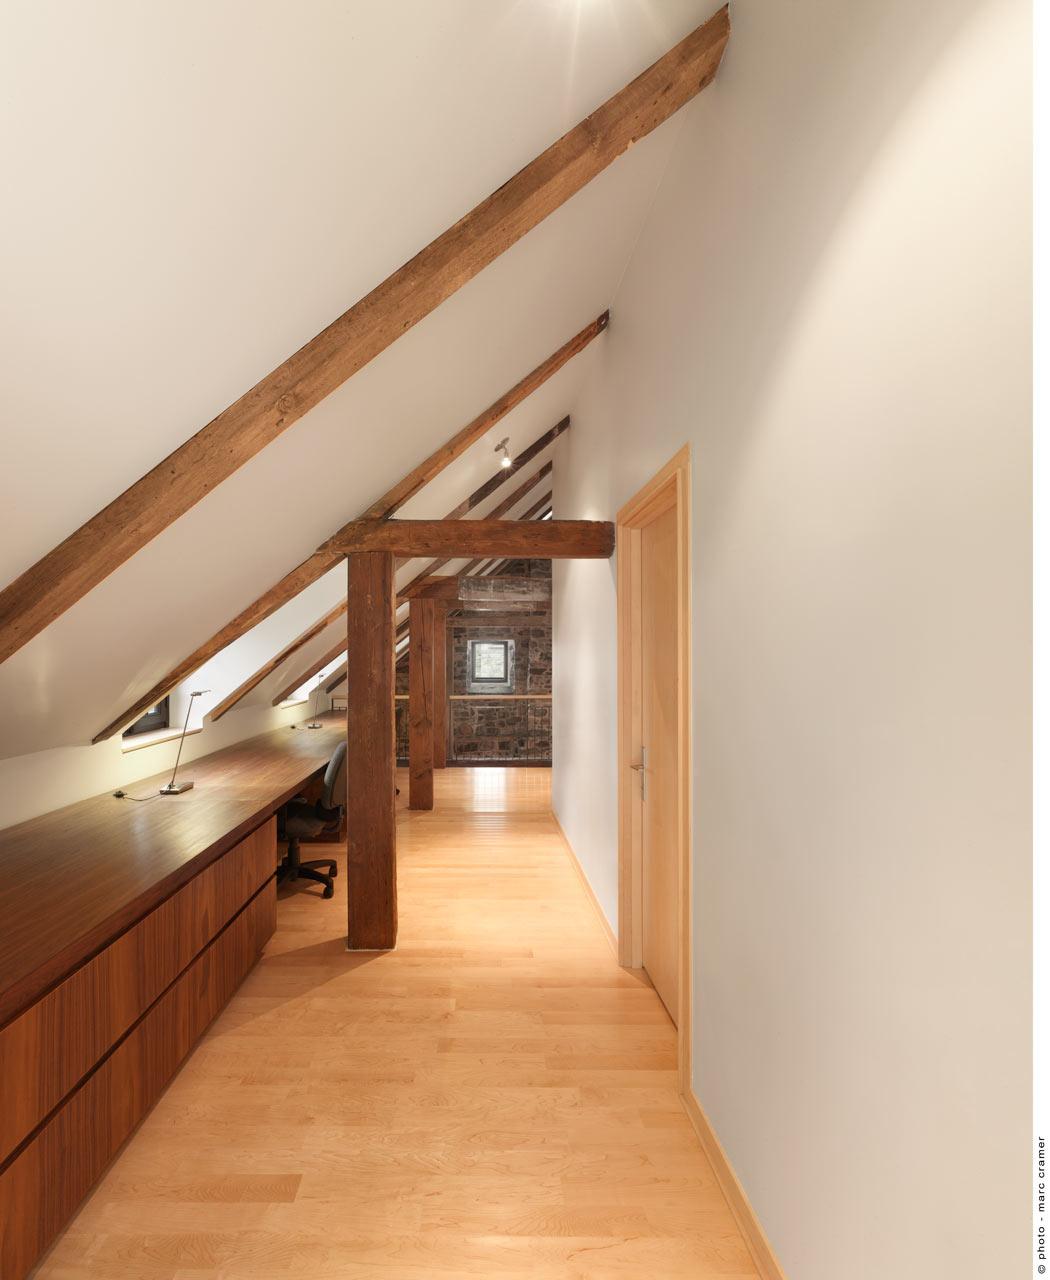 Bord-du-Lac-House-Henri-Cleinge-10